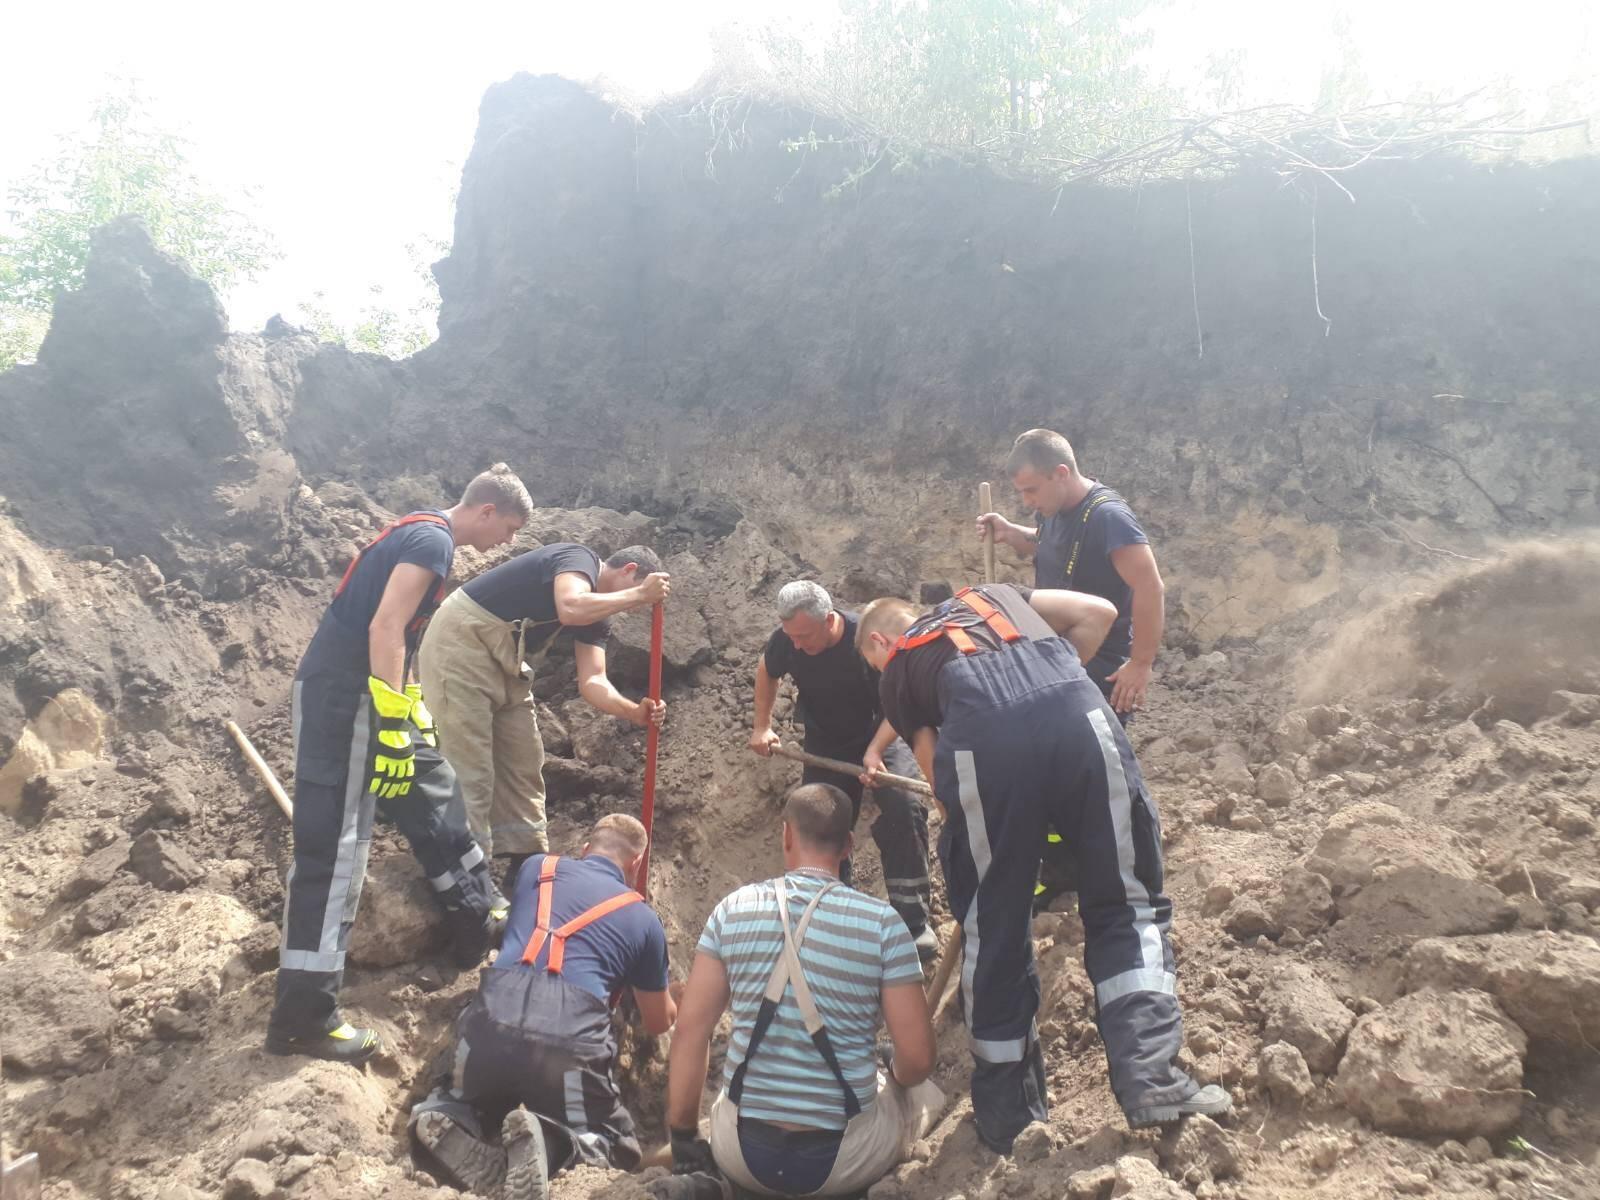 У кар'єрі на Київщині трьох чоловіків засипало ґрунтом, є загиблий